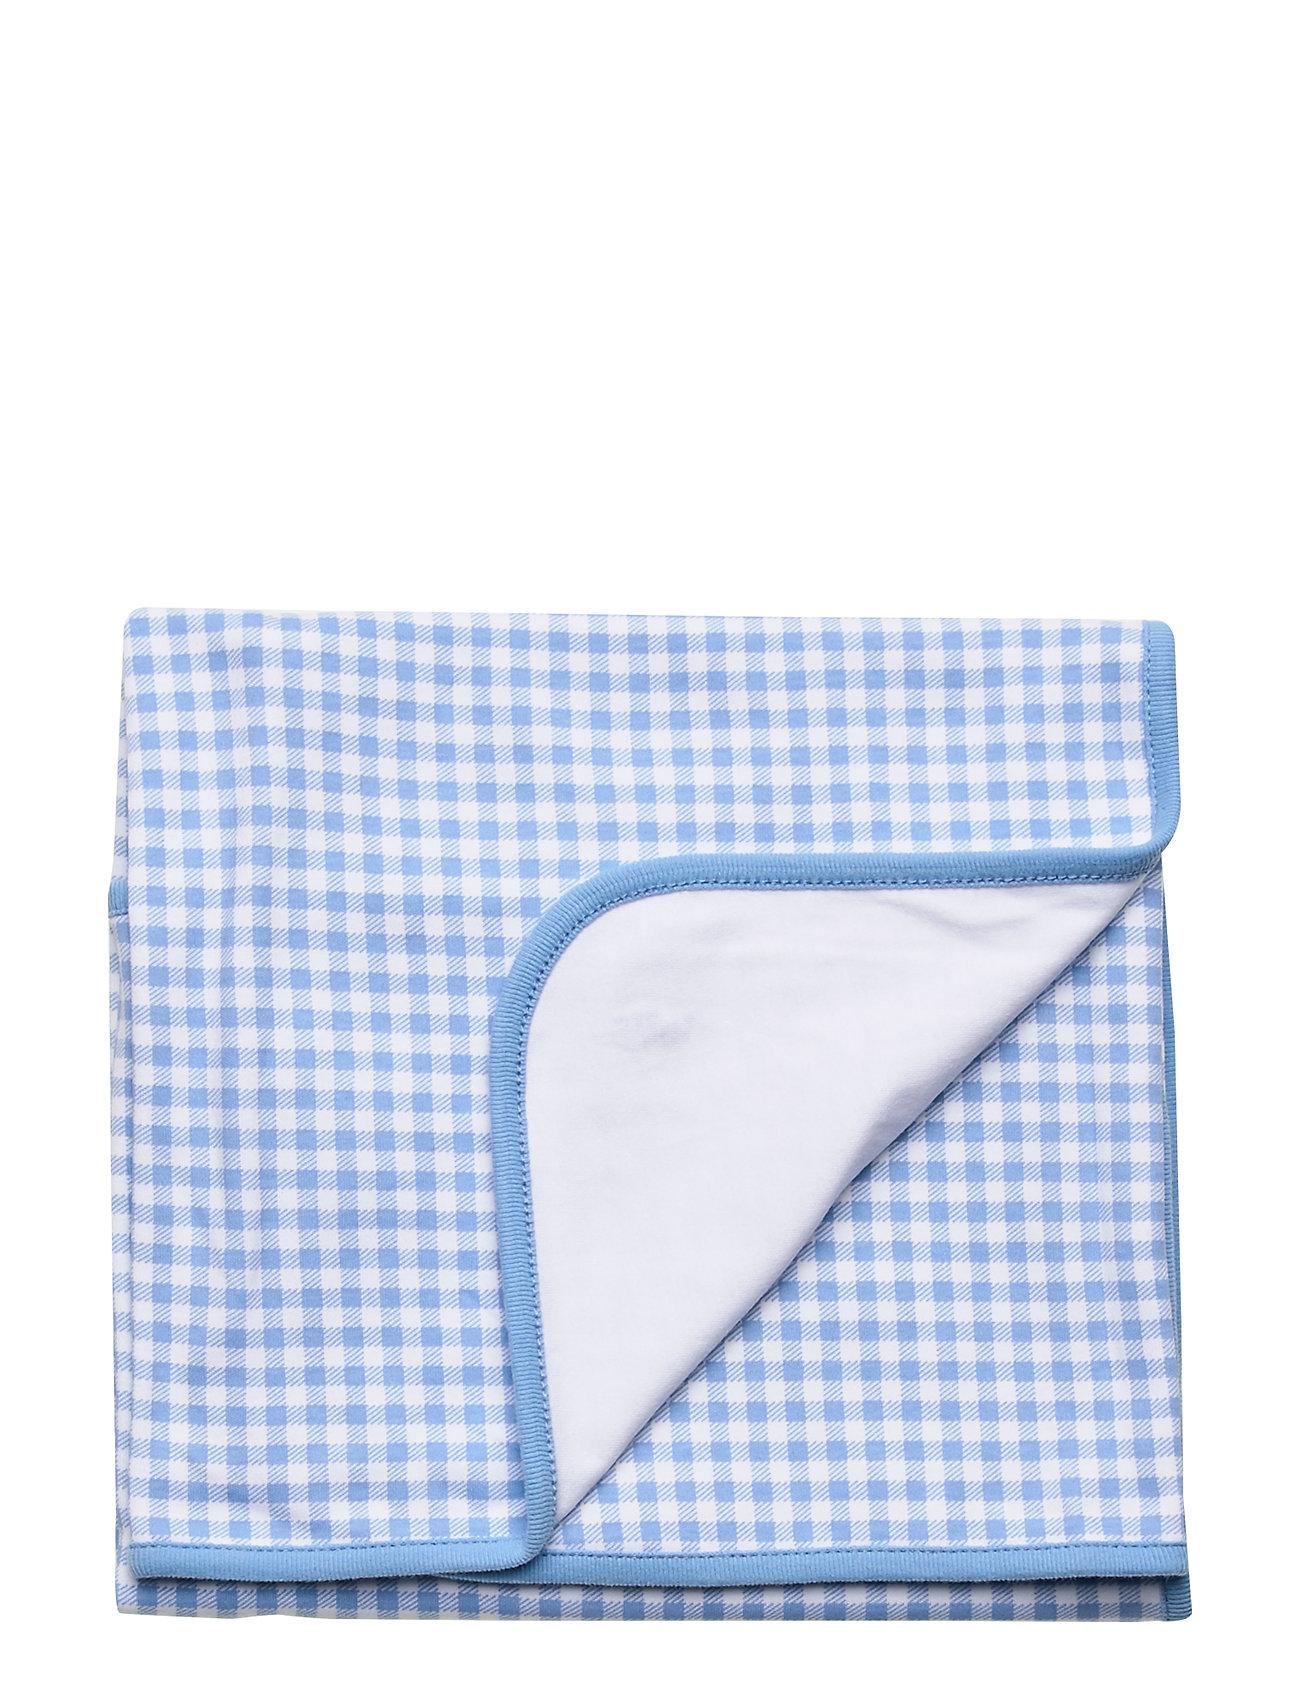 Ralph Lauren Baby Gingham Cotton Blanket - CHATHAM BLUE